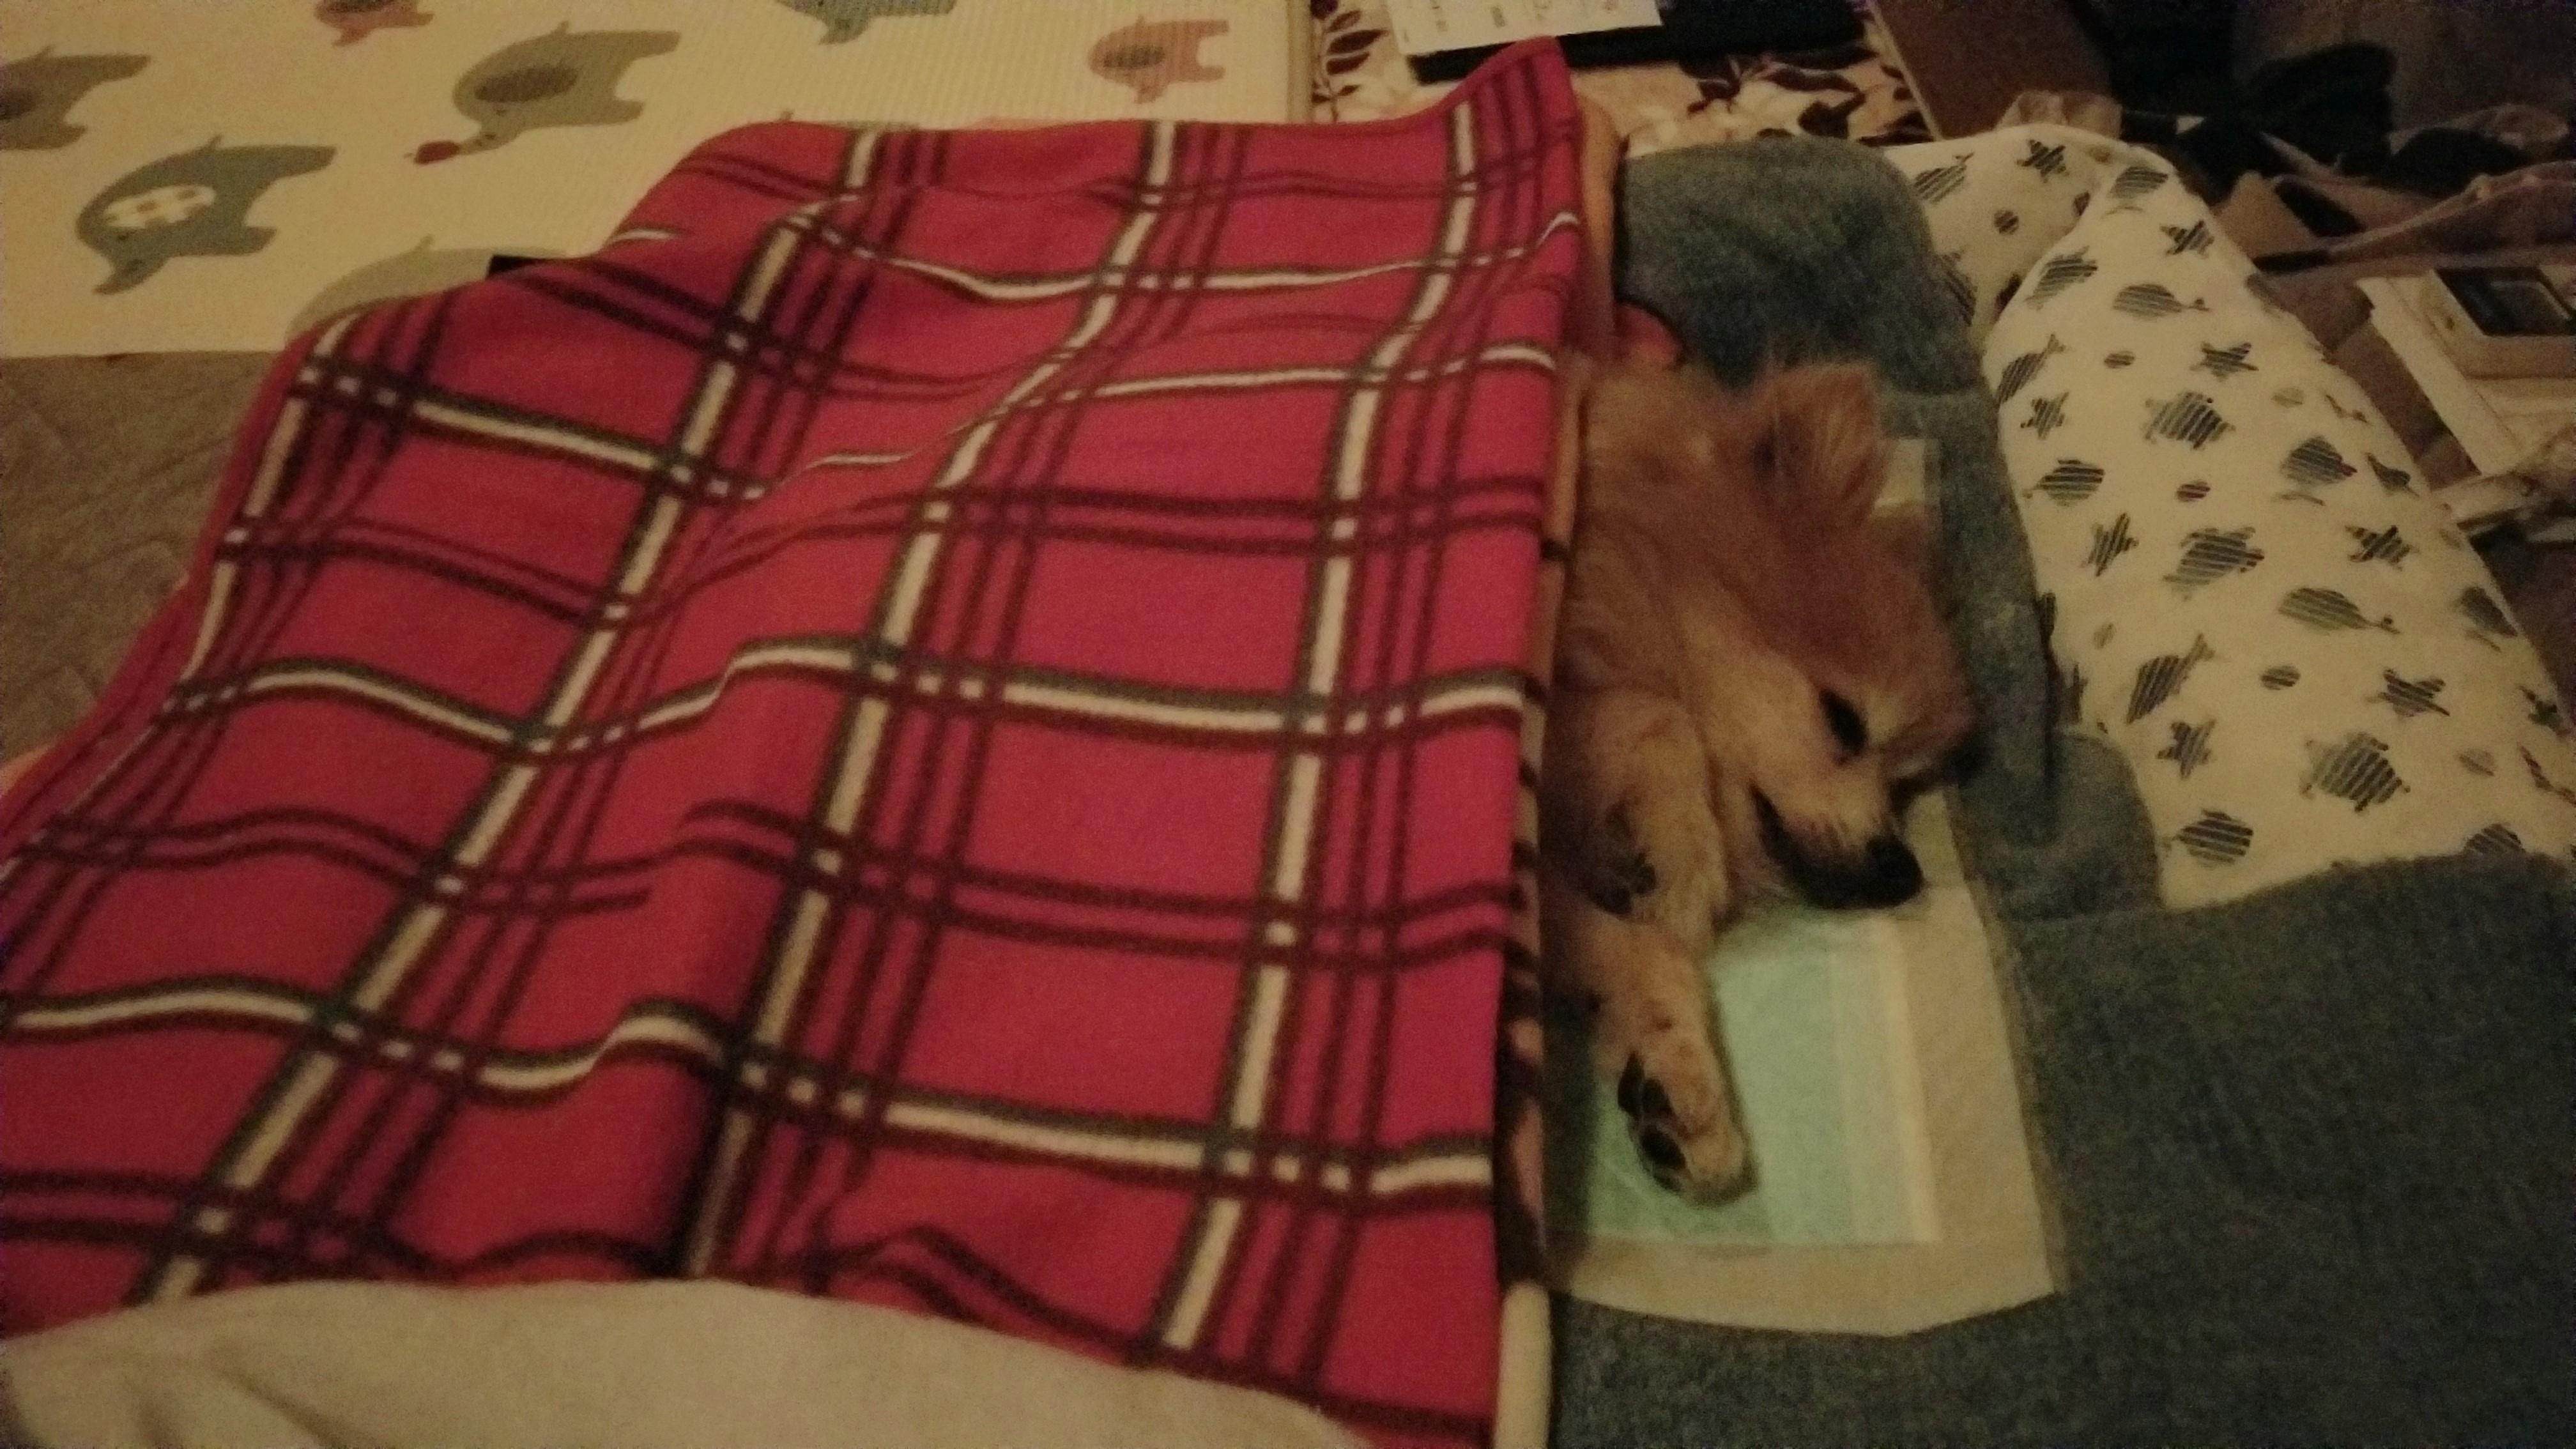 老犬おしっこ尿漏れ病気介護介抱病状悪化ペットおむつ夜間外来